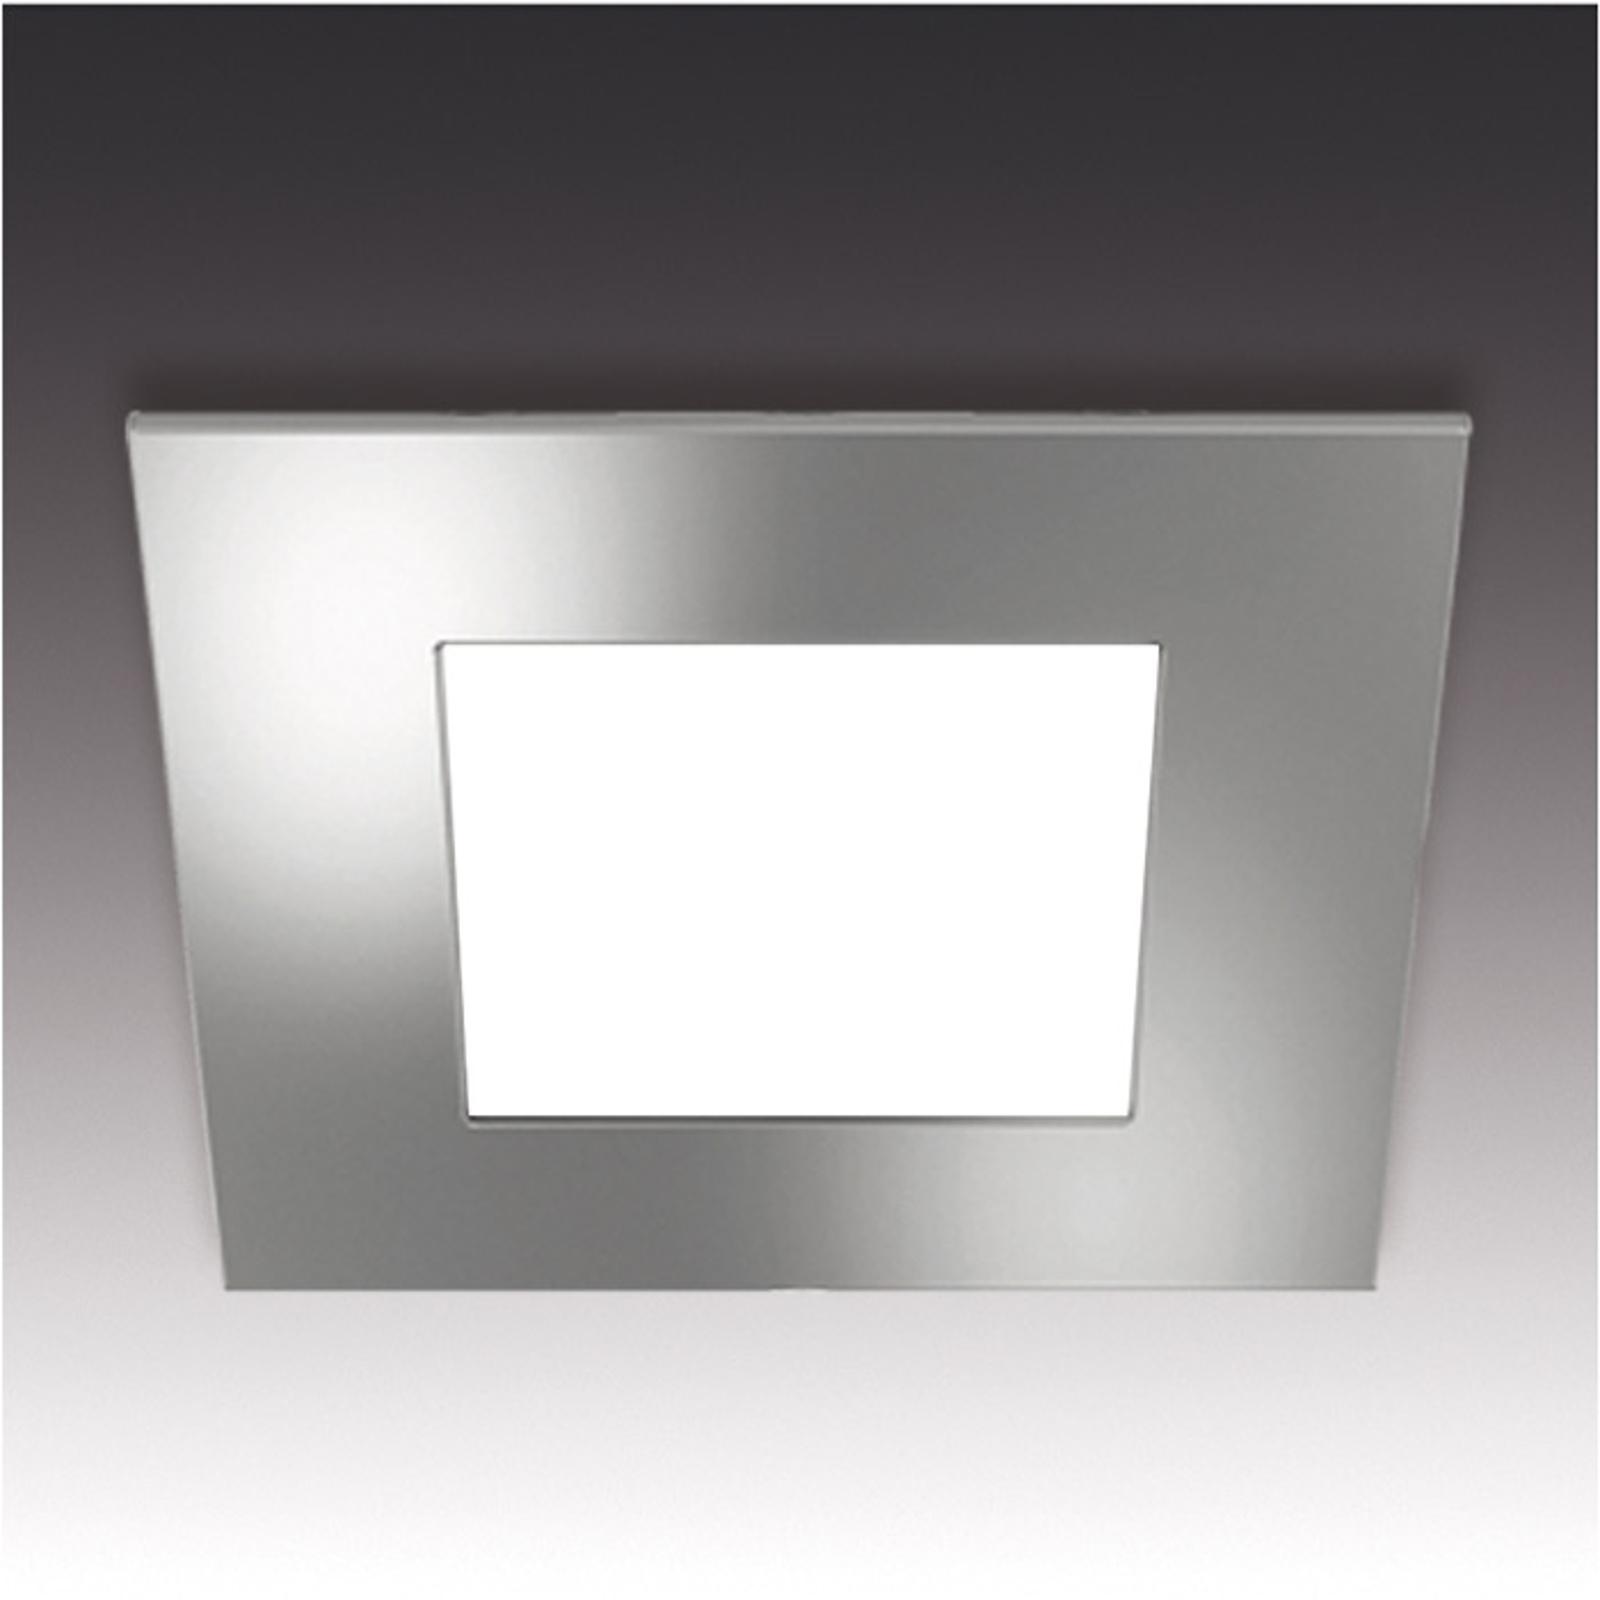 Produktové foto HERA Podhledové svítidlo FQ 68-LED čtverec 3ks sada tb